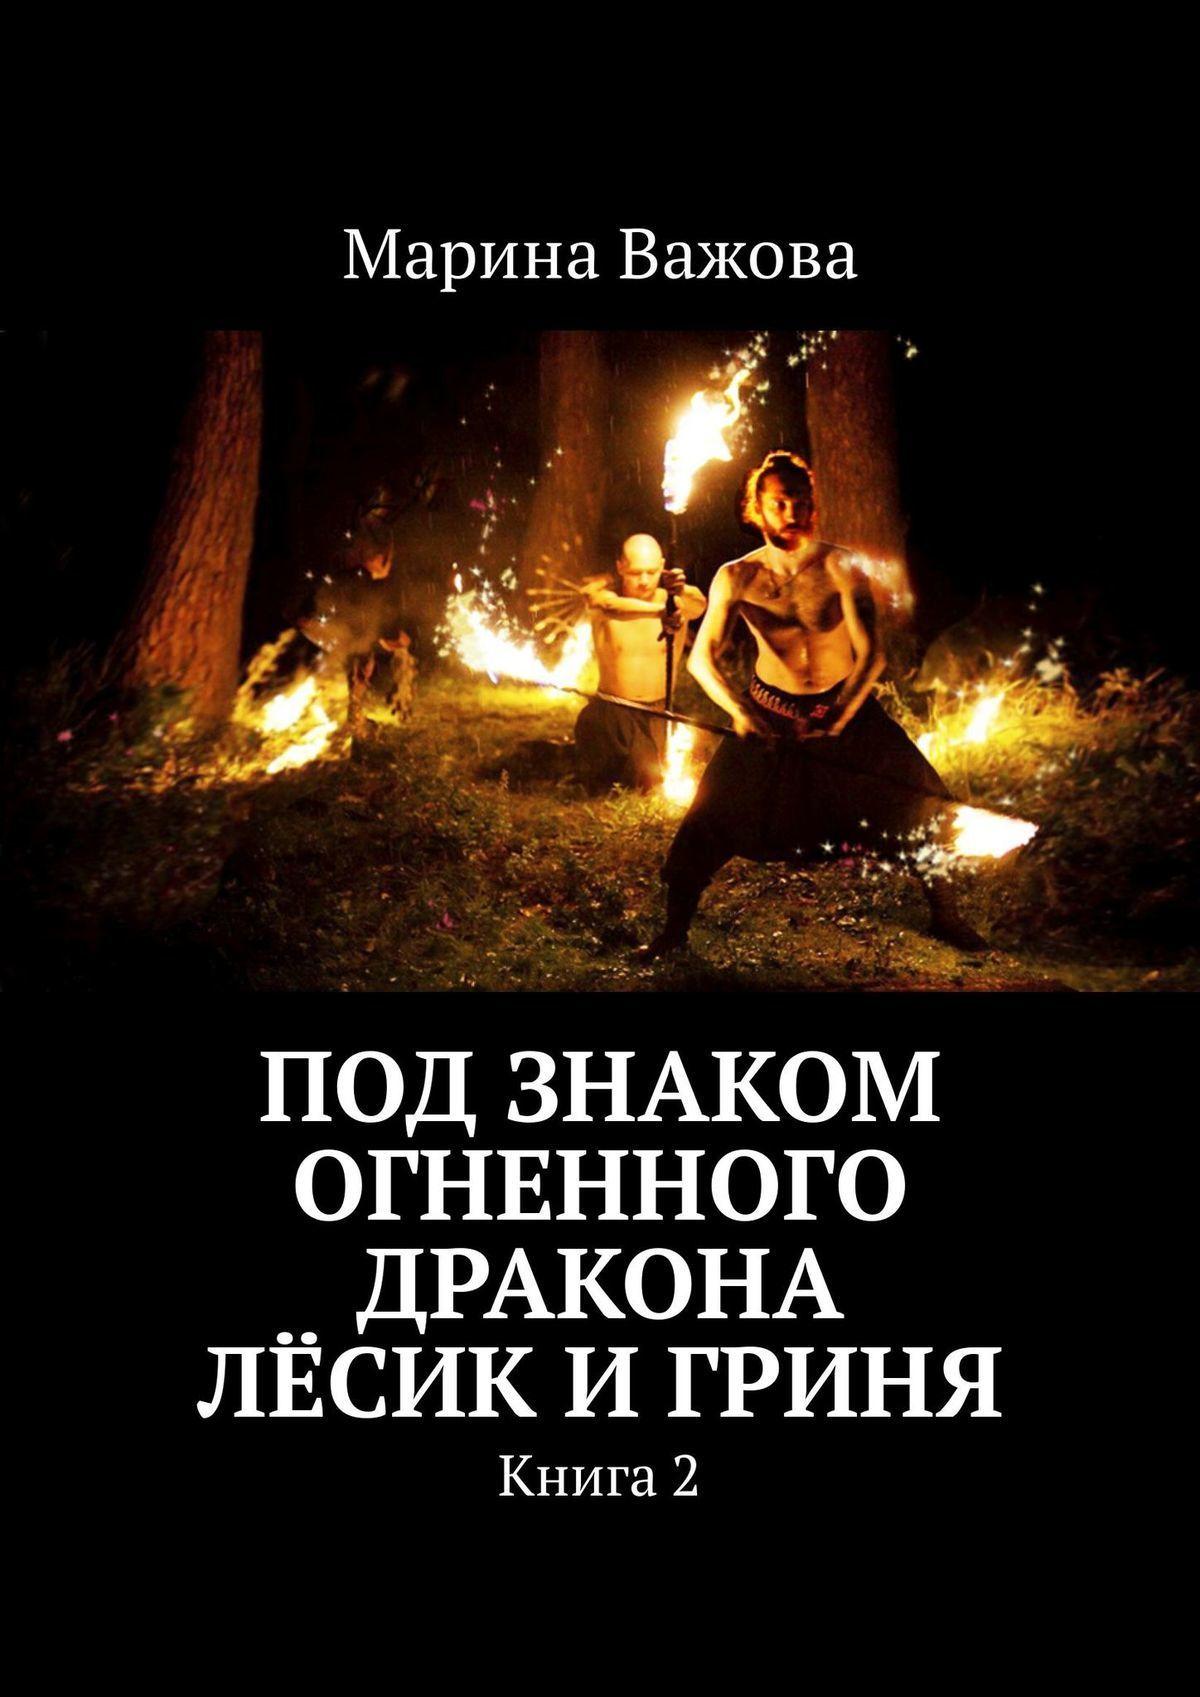 Марина Важова Под знаком огненного дракона. Лёсик и Гриня. Книга2